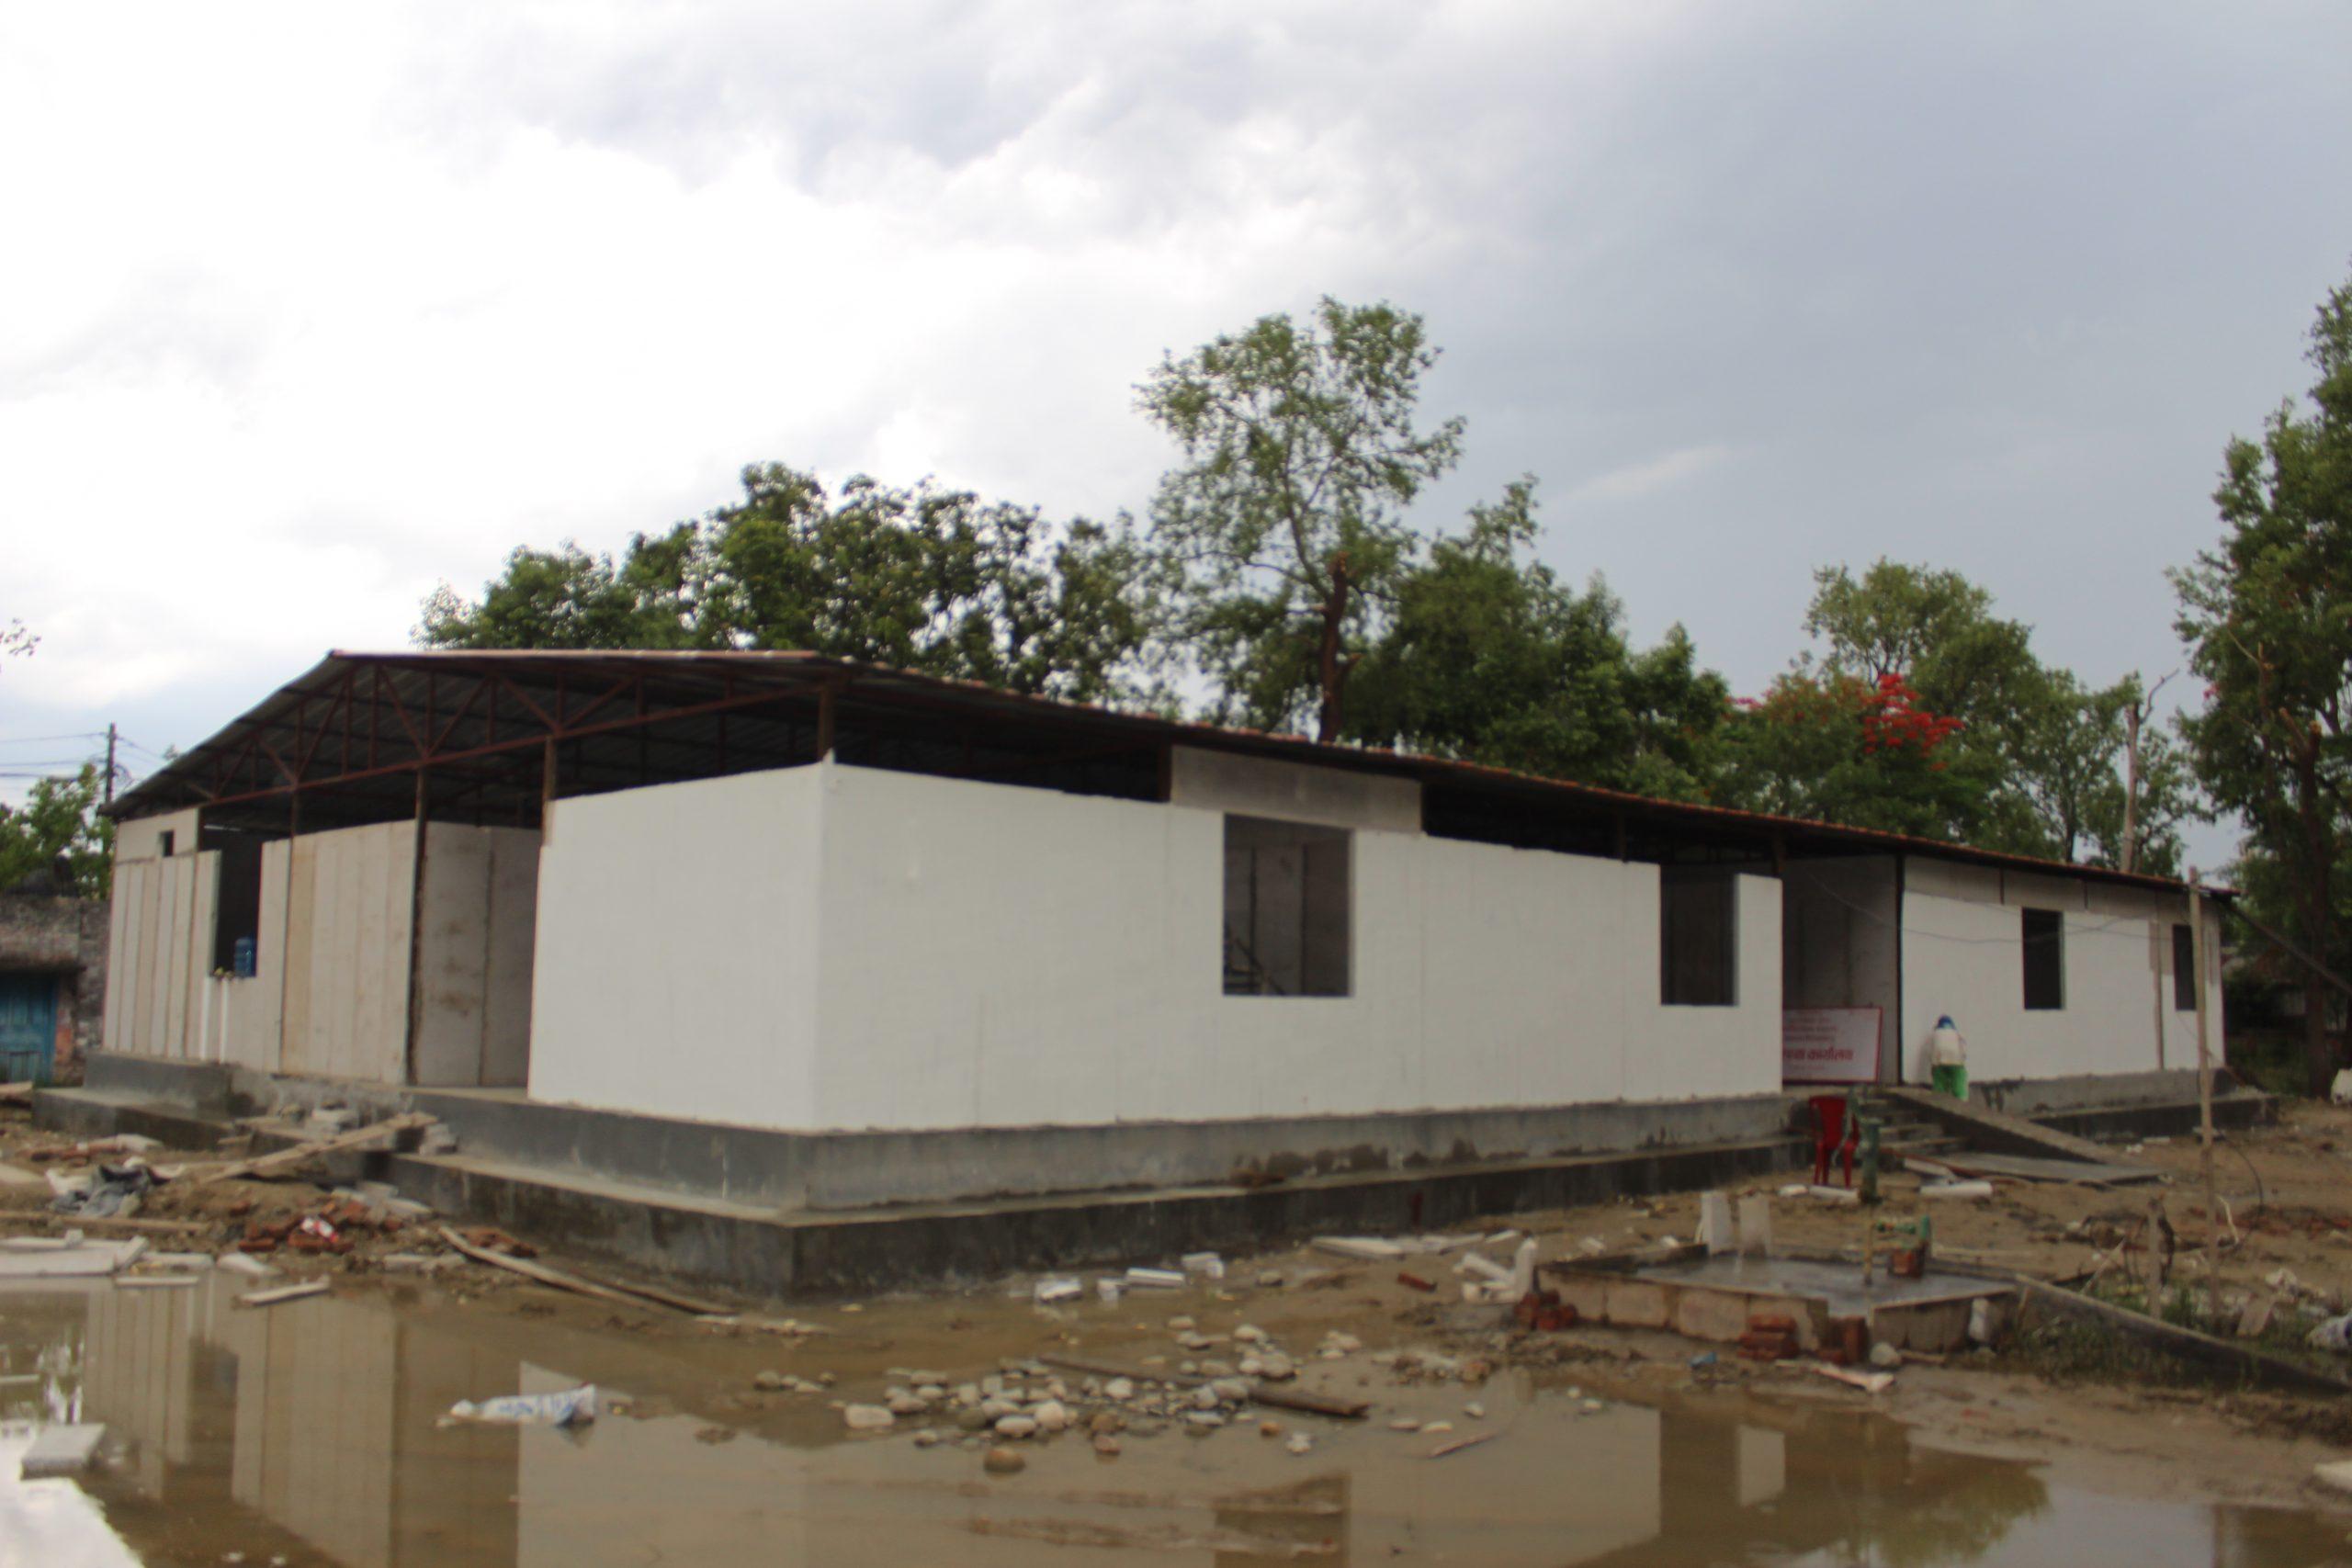 काेराेना उपचार भवनकाे निर्माण अन्तिम चरणमा